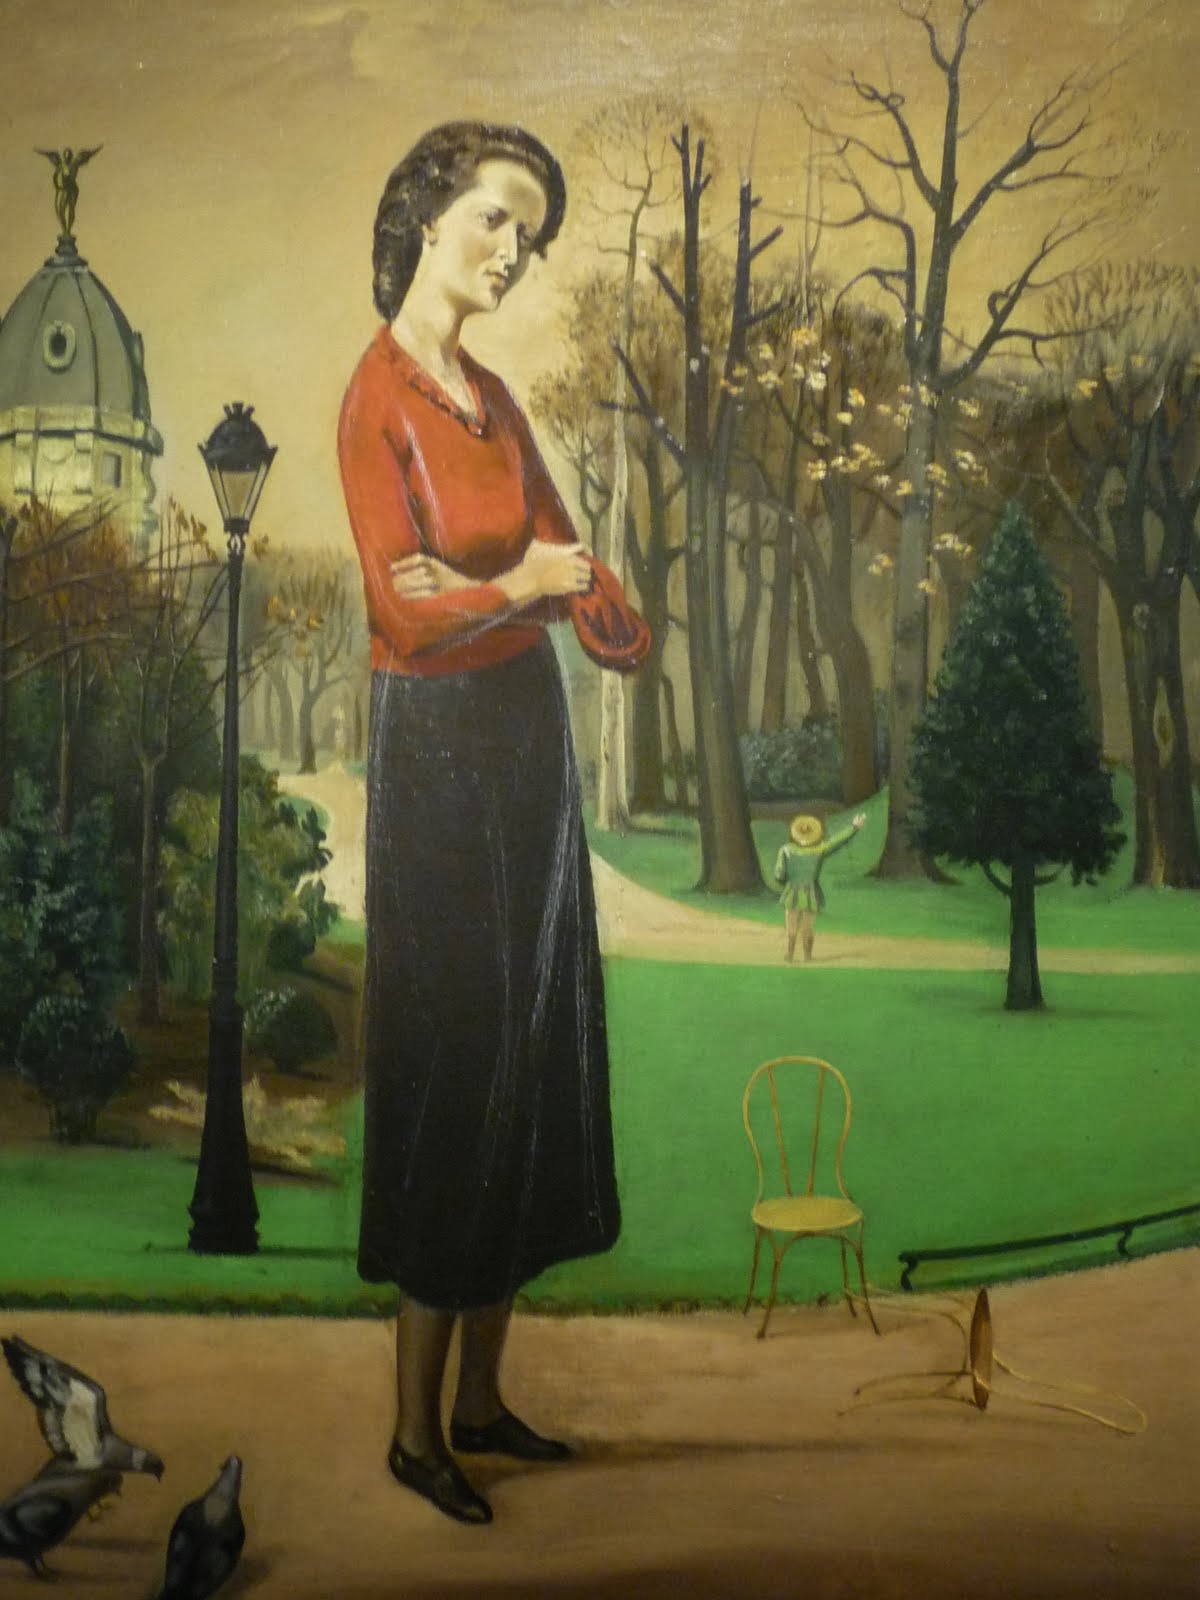 Lelia+Caetani%252C+1935+Balthus - O Jardim de Ninfa